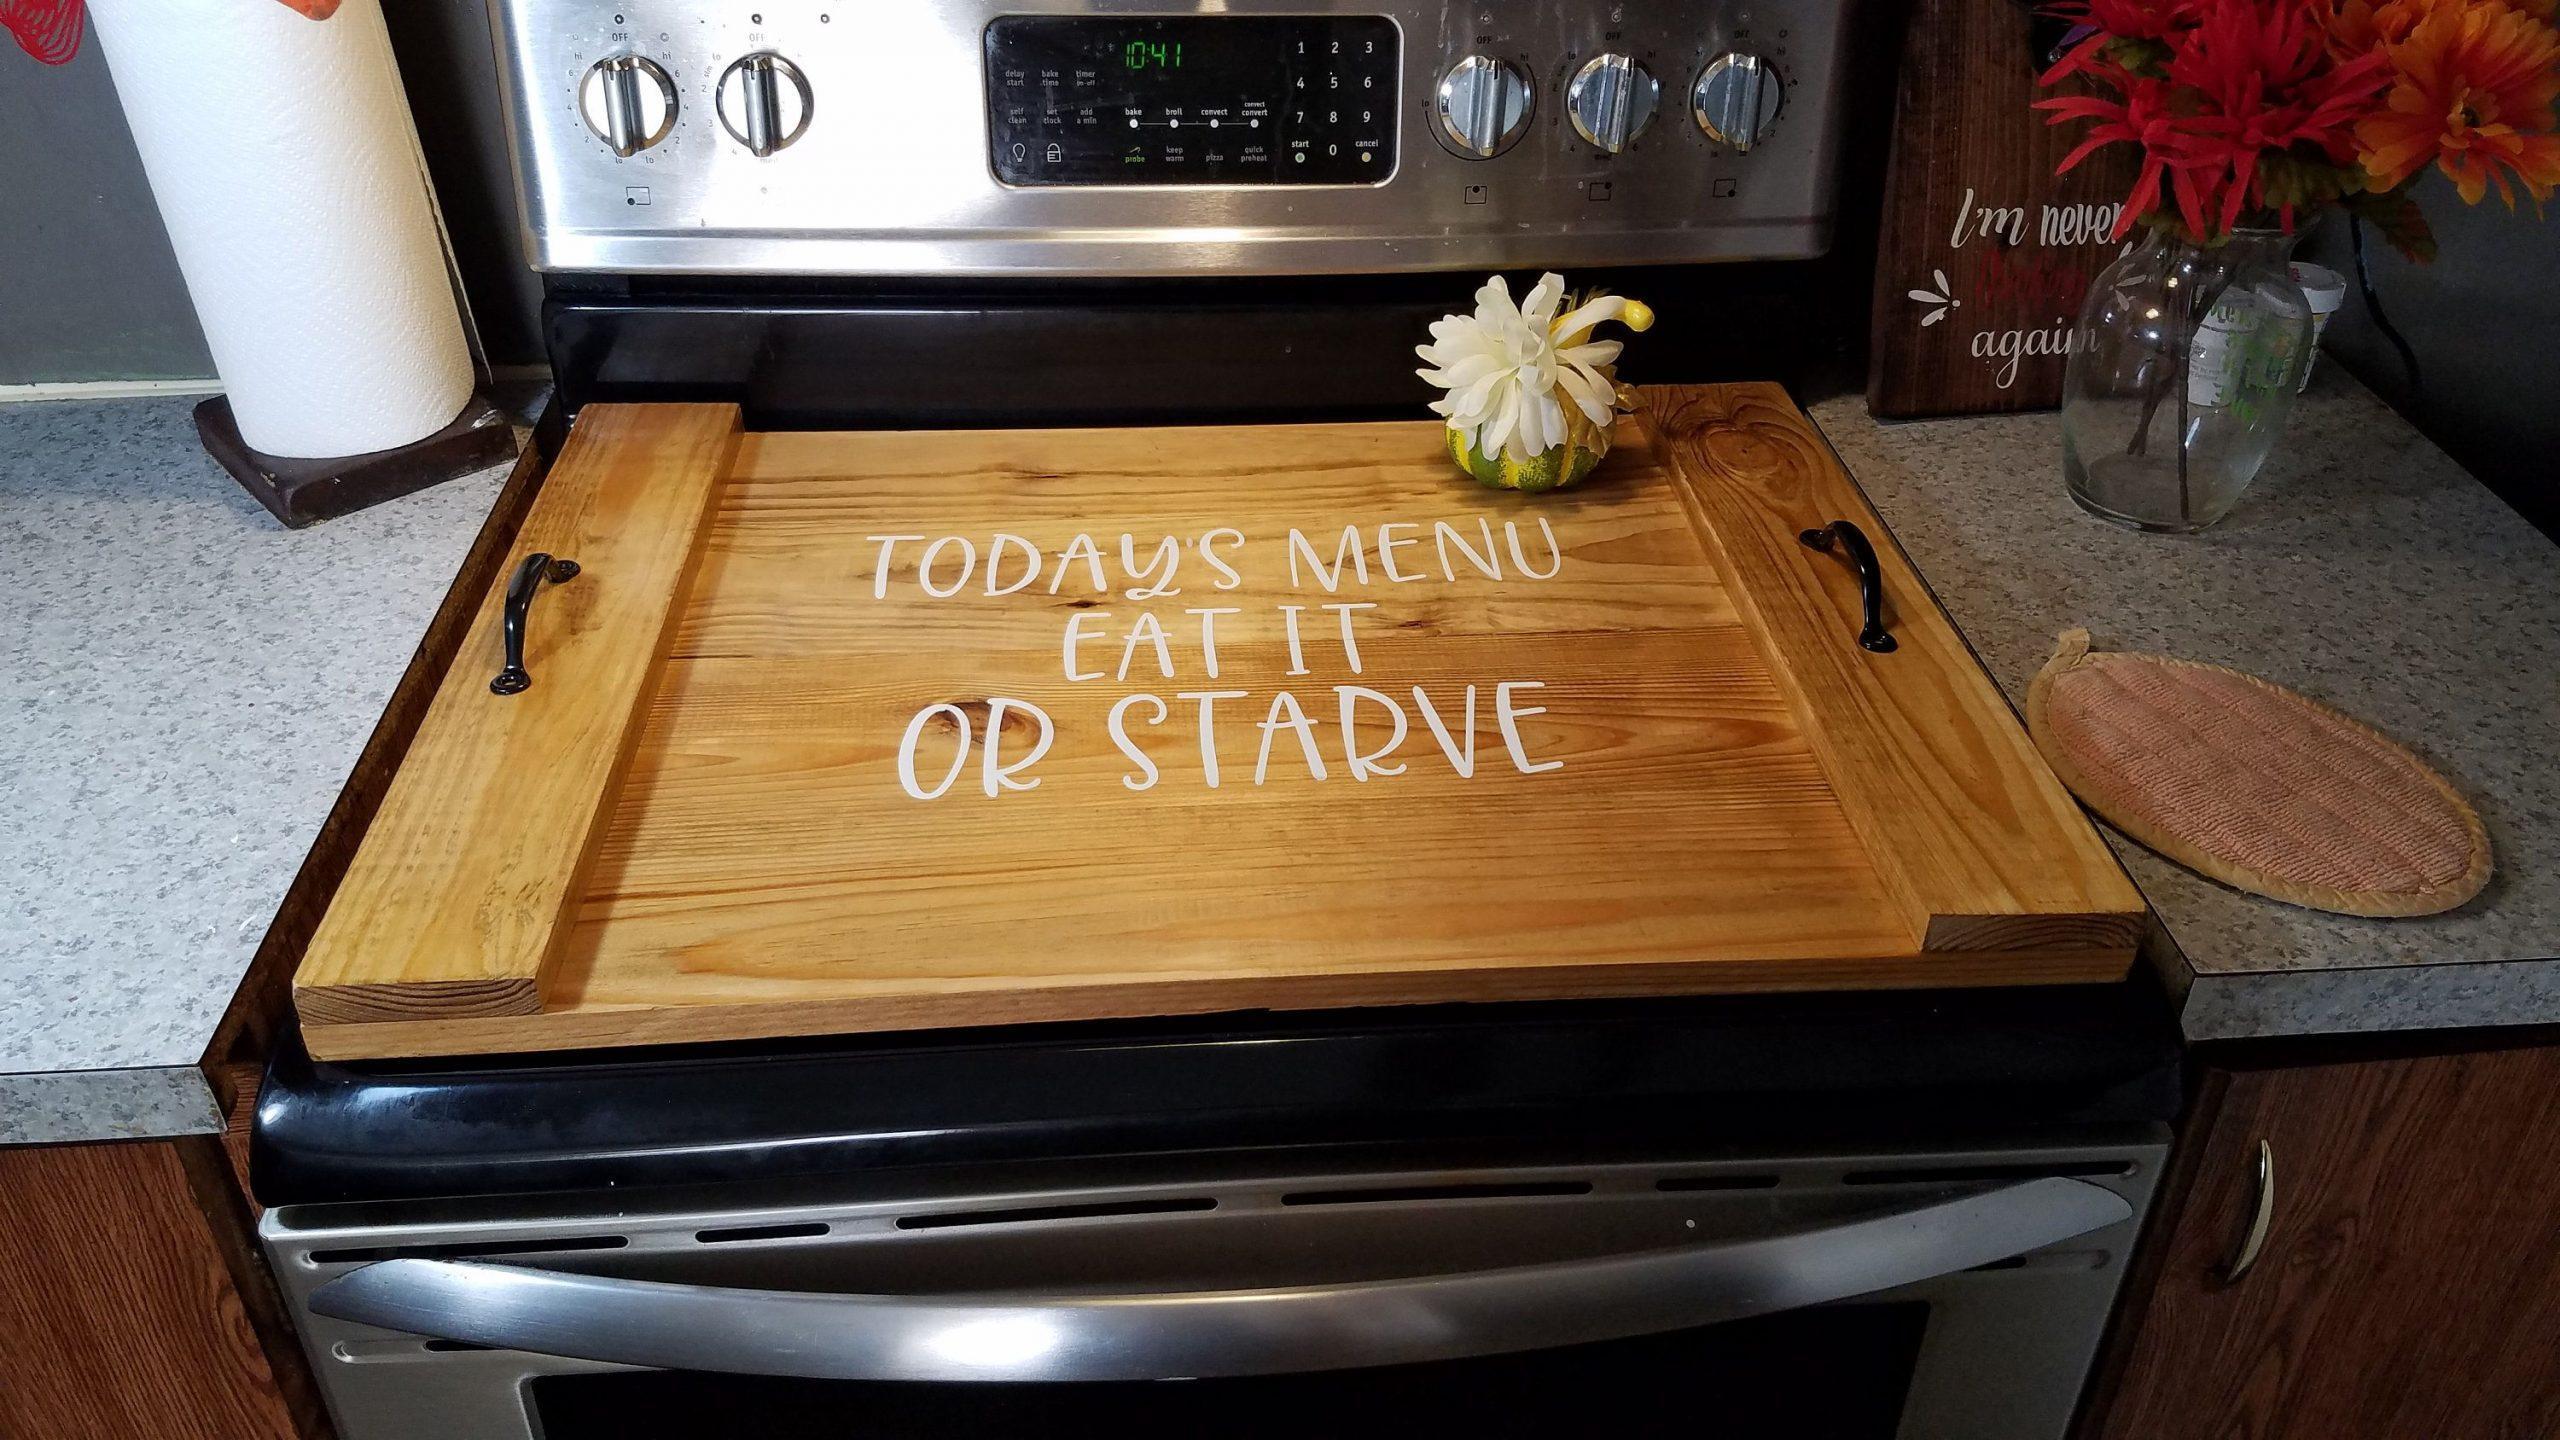 Ξύλινο κάλυμμα για τον φούρνο της κουζίνας από ξύλο κοπής